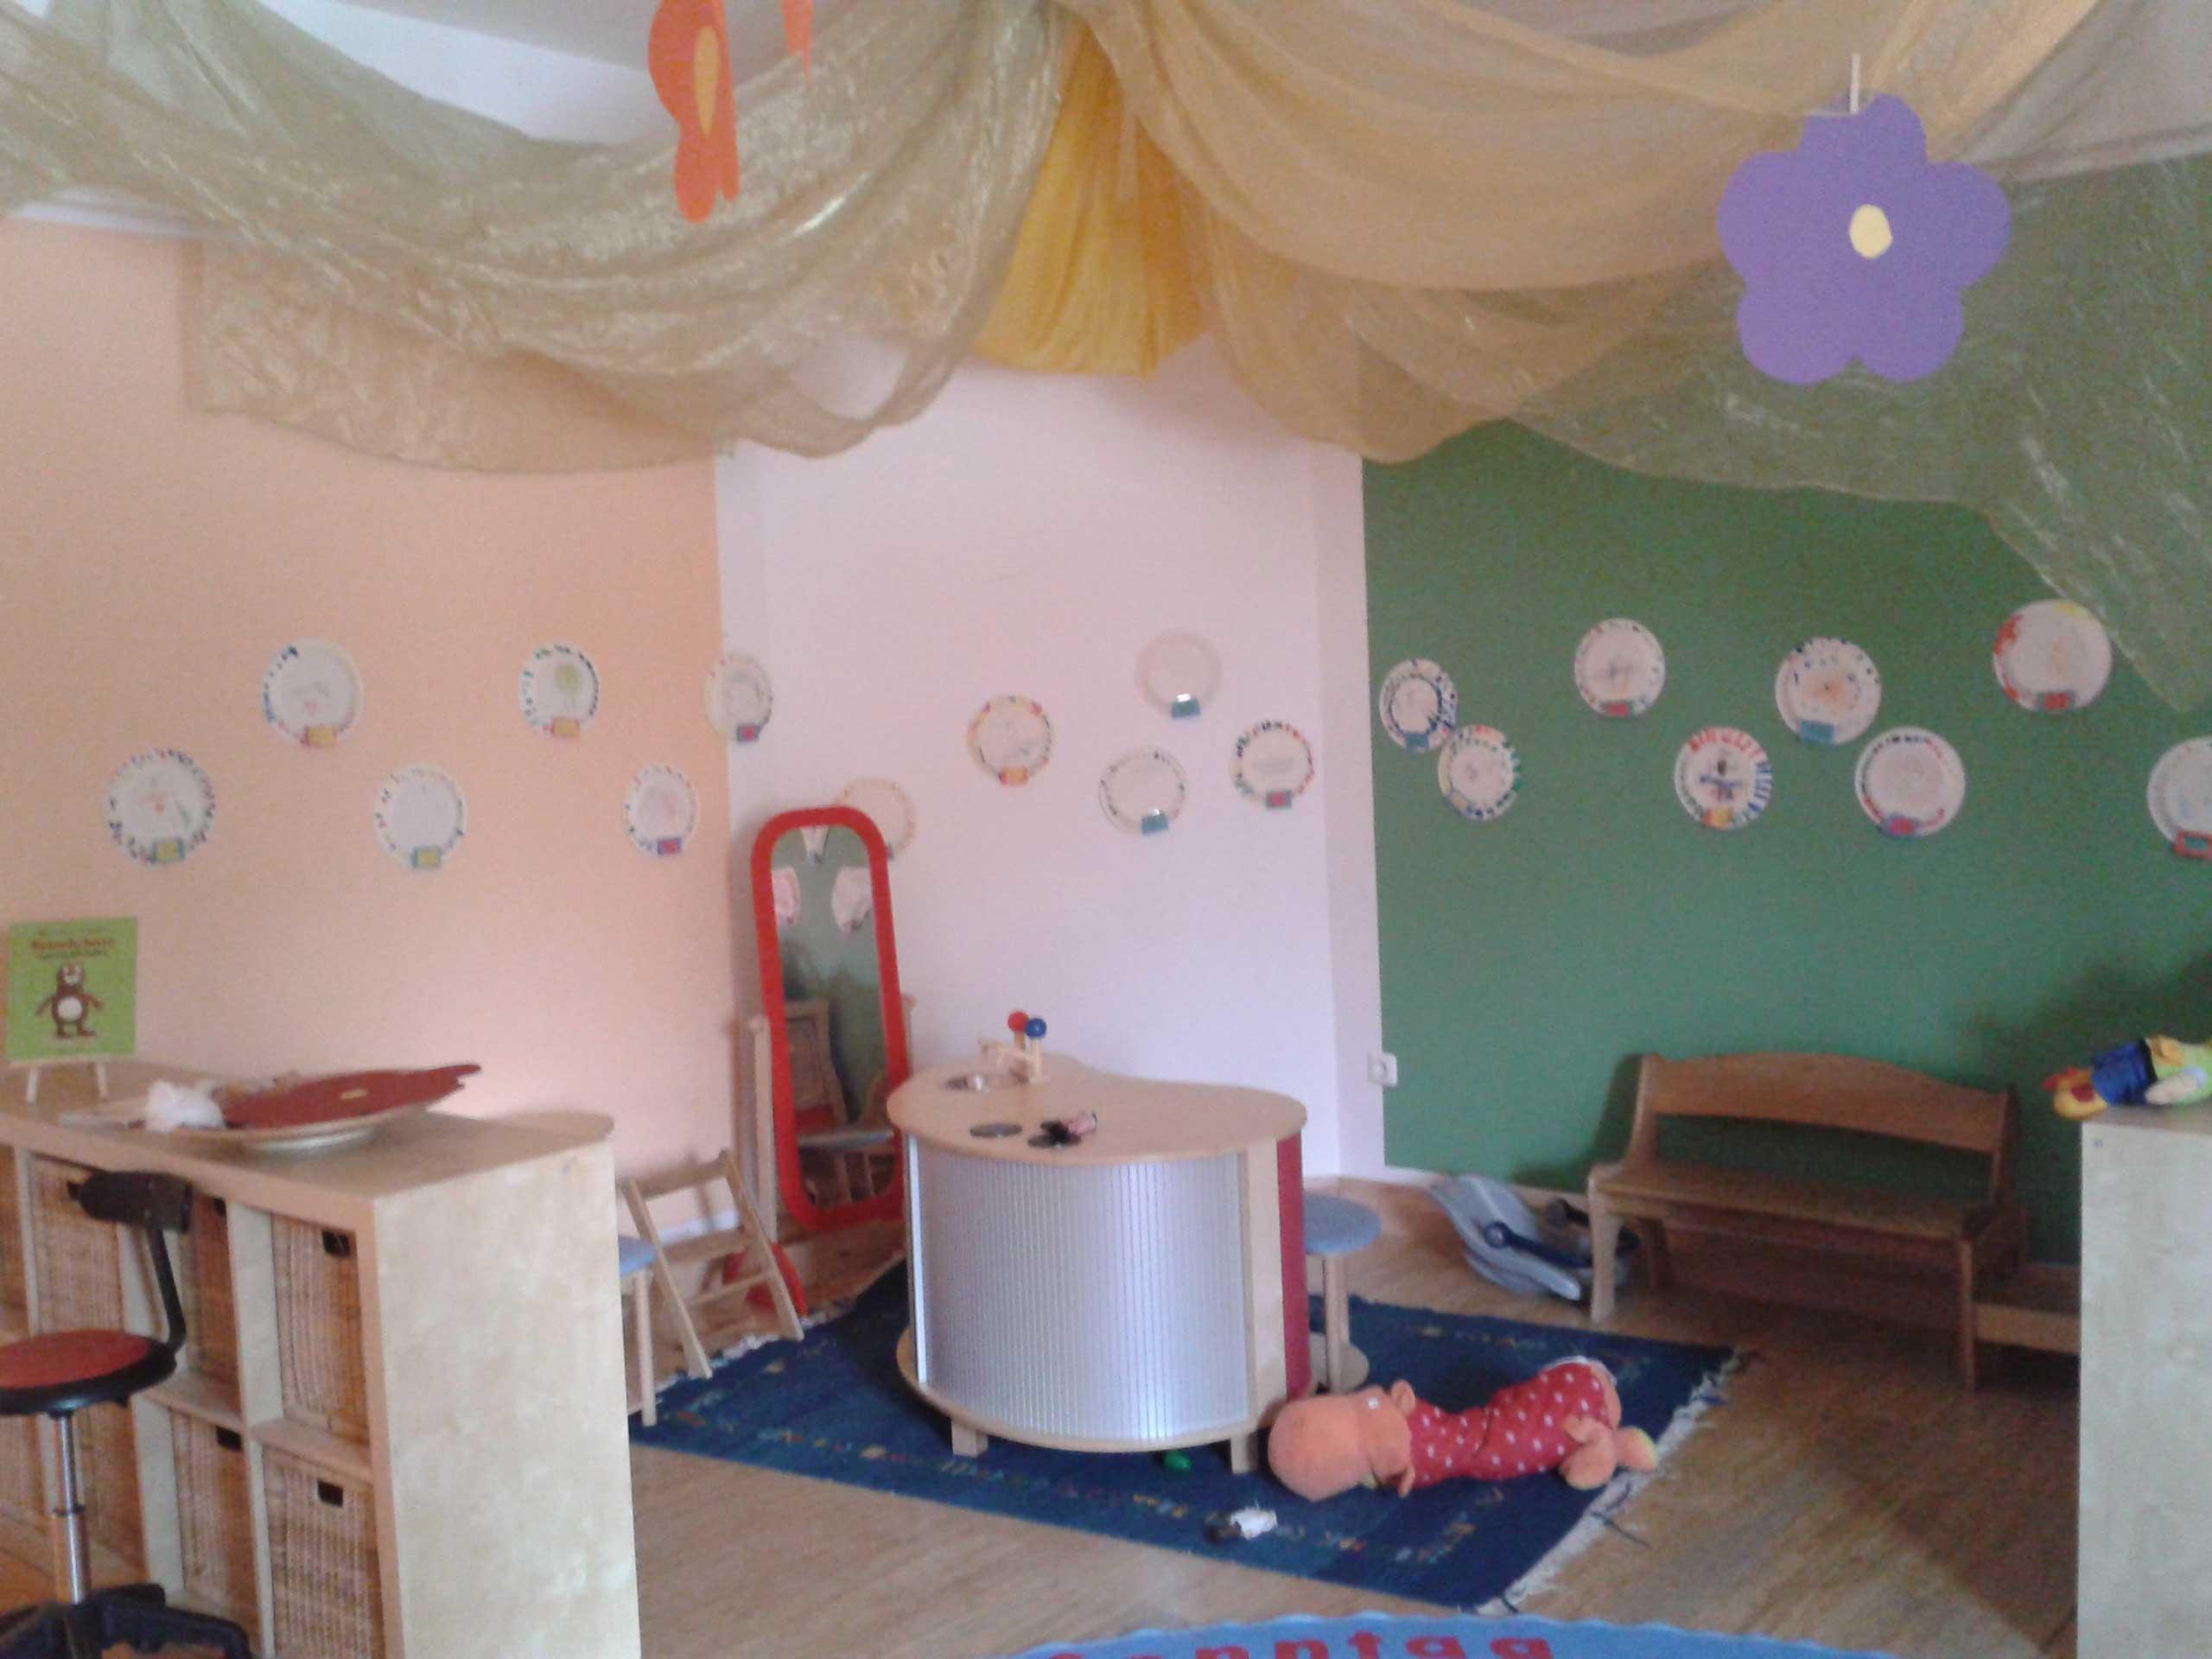 Wandgestaltung Im Kindergarten Zimmerleins Welt